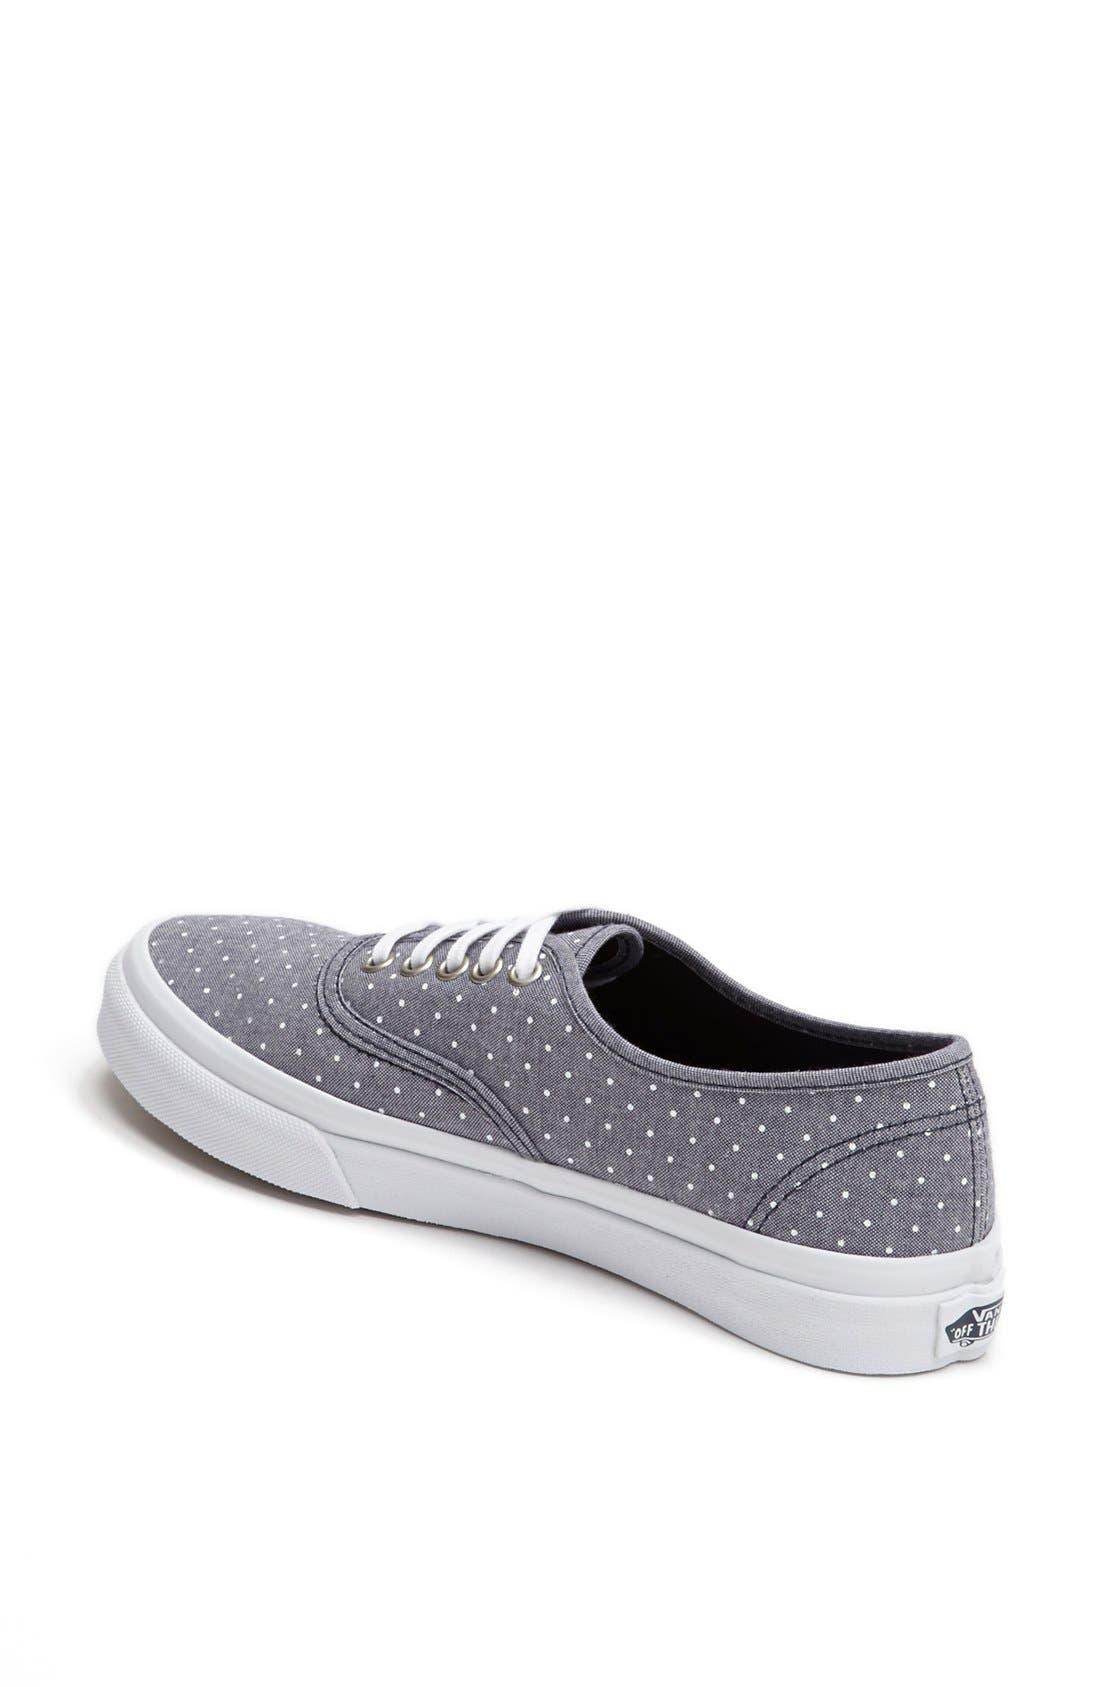 Alternate Image 2  - Vans 'Authentic - Slim' Polka Dot Sneaker (Women)